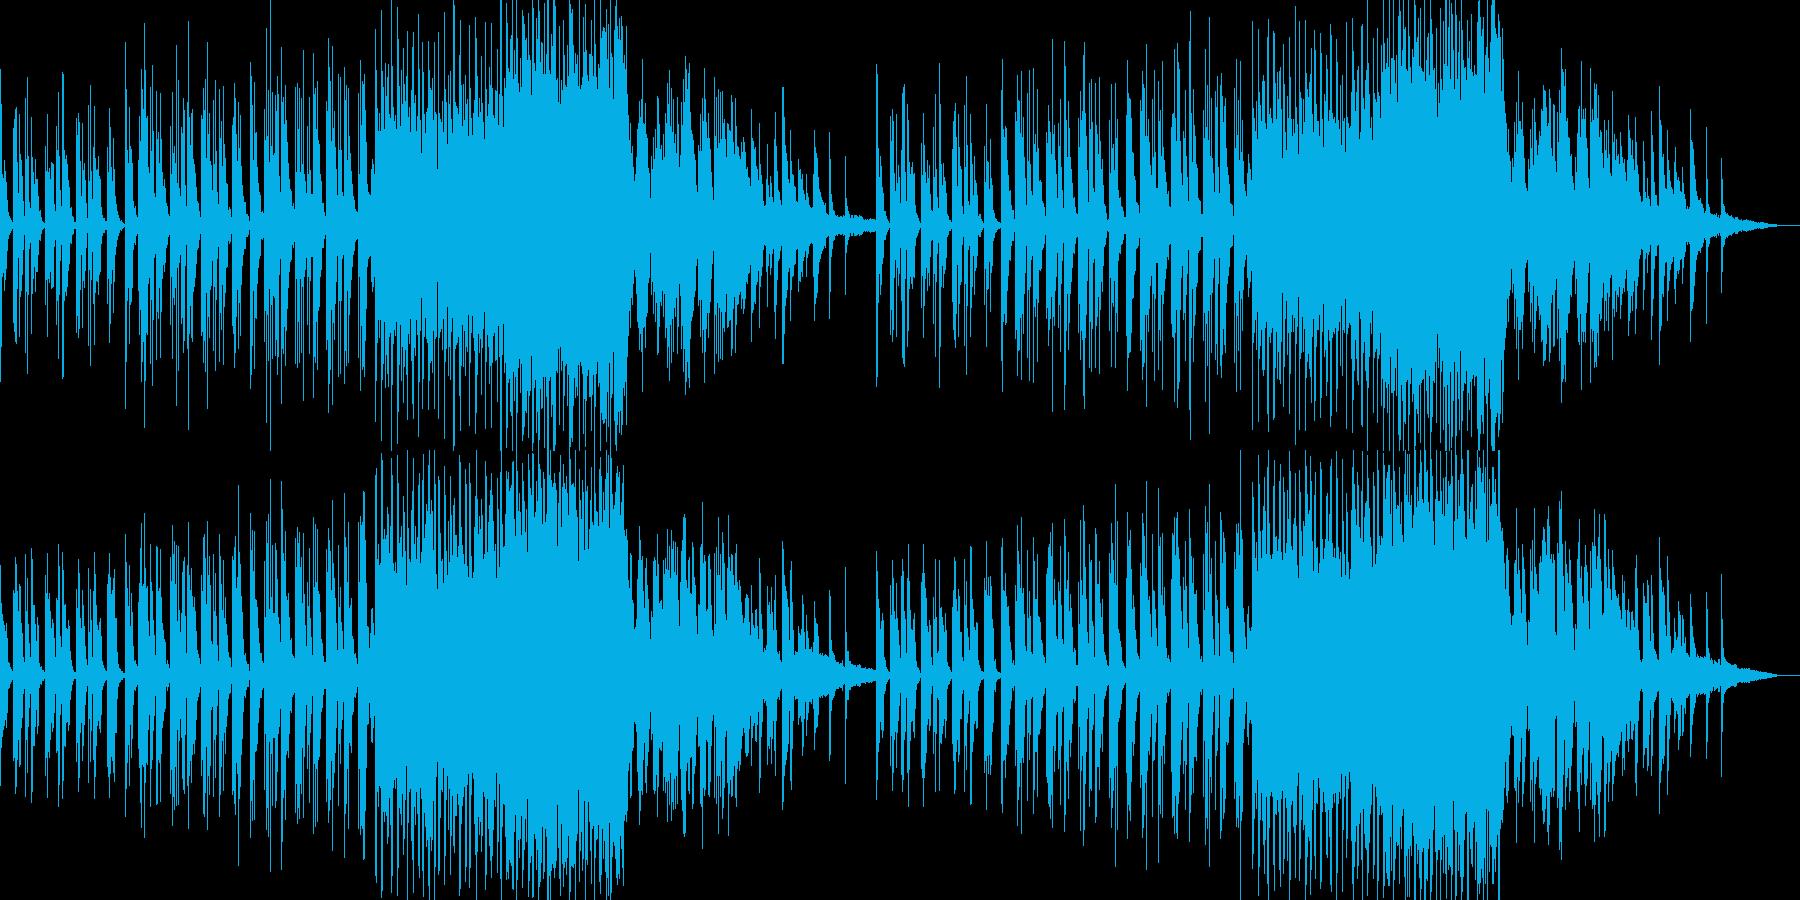 穏やかで神秘的・幻想的なピアノ曲の再生済みの波形